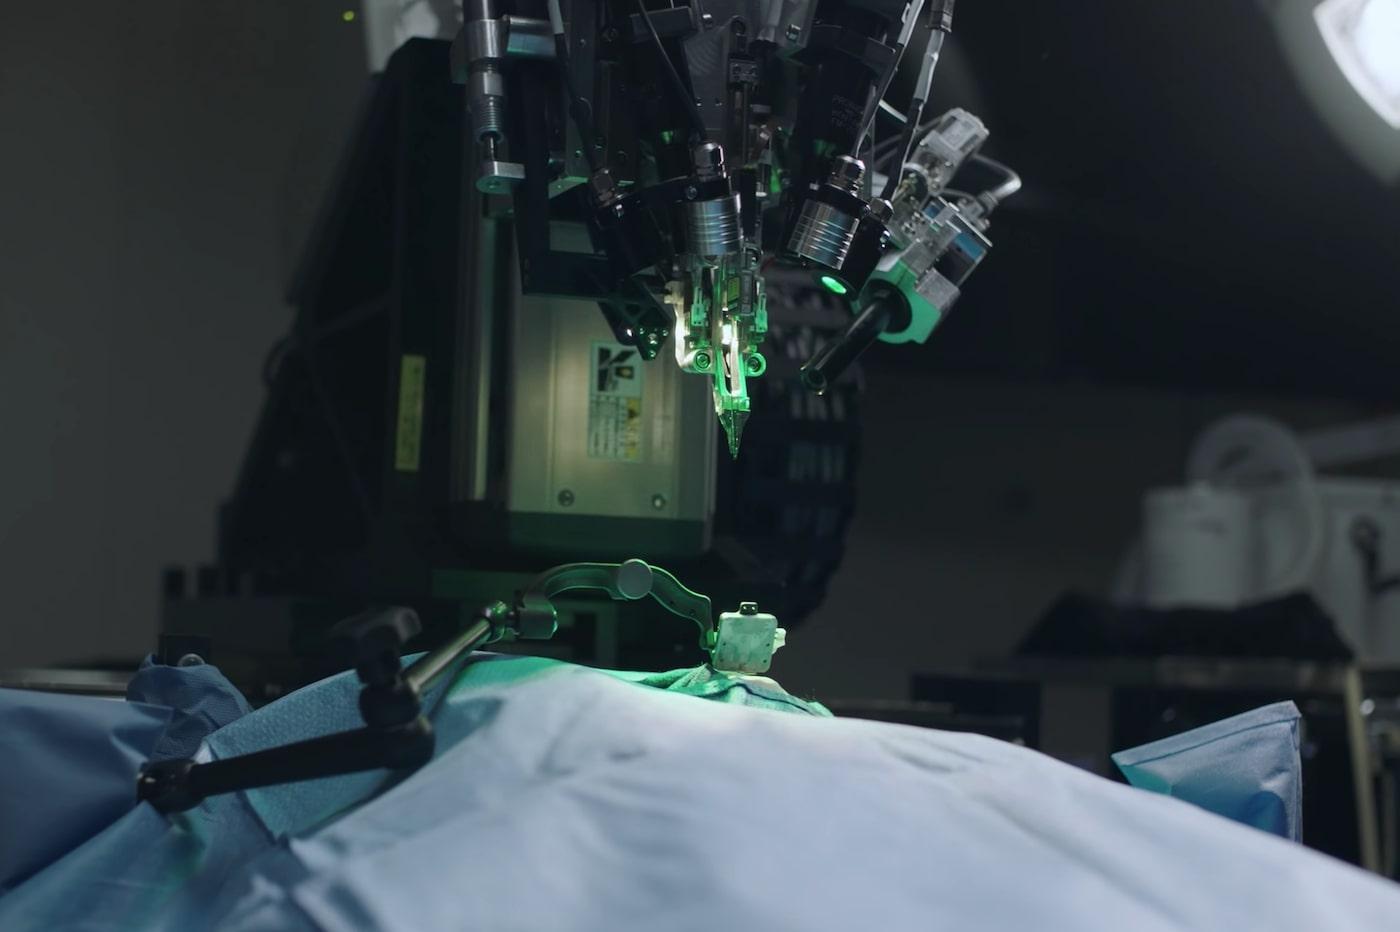 Neuralink operation